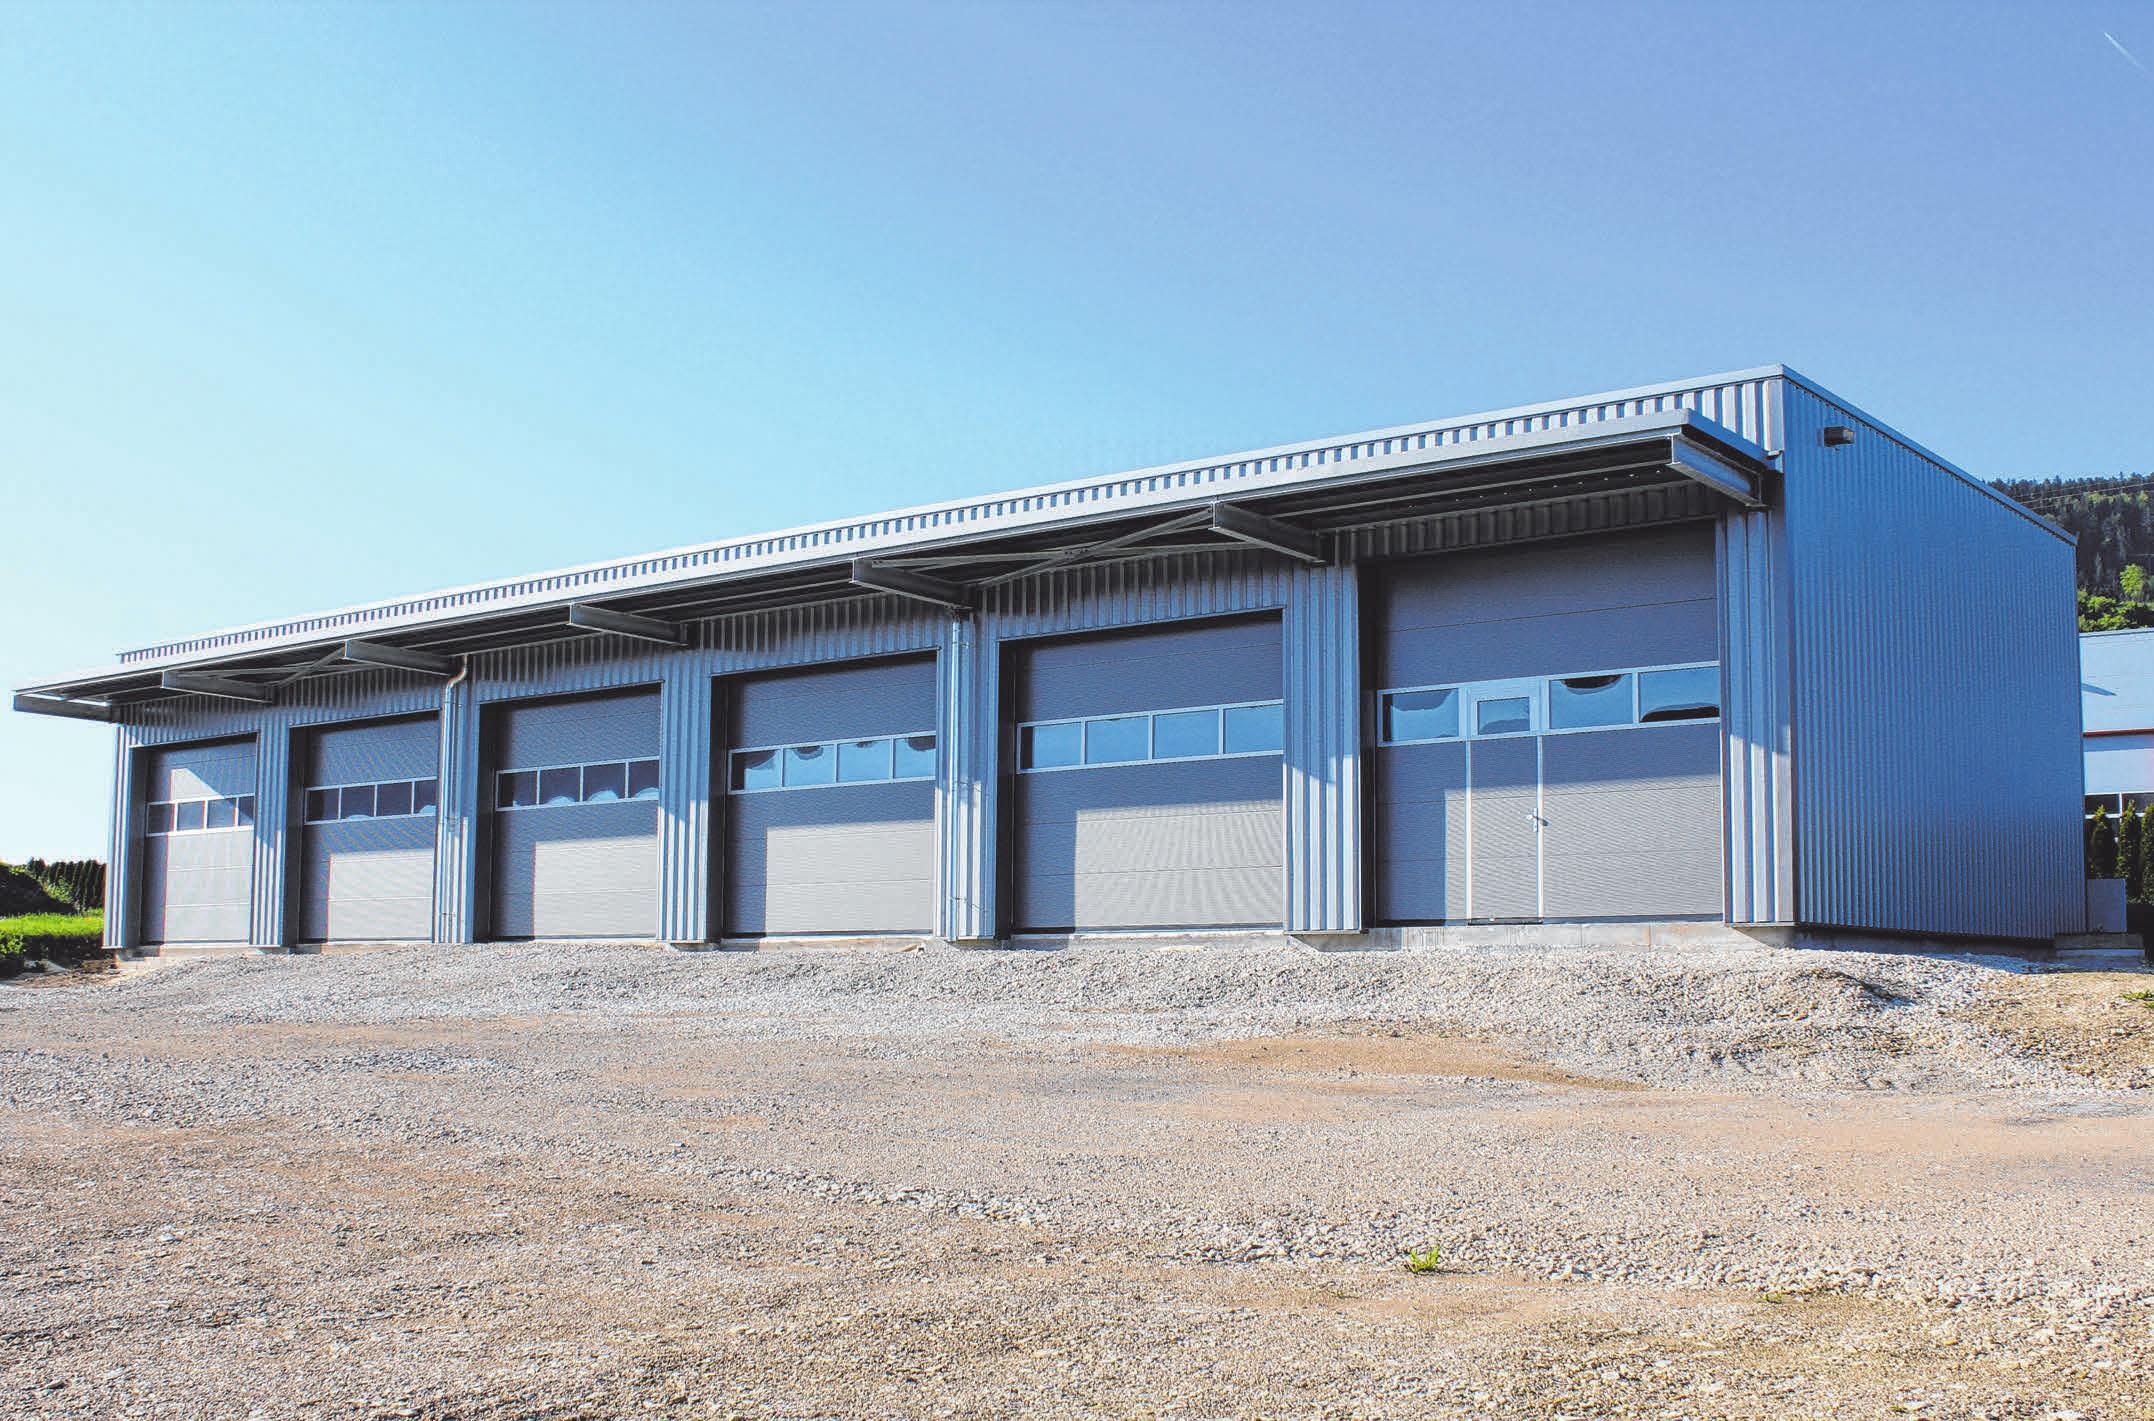 Ein neuer Garagenkomplex ist zusätzlich zur Produktionshallen-Erweiterung entstanden. FOTOS: GRIMM / KETTERER